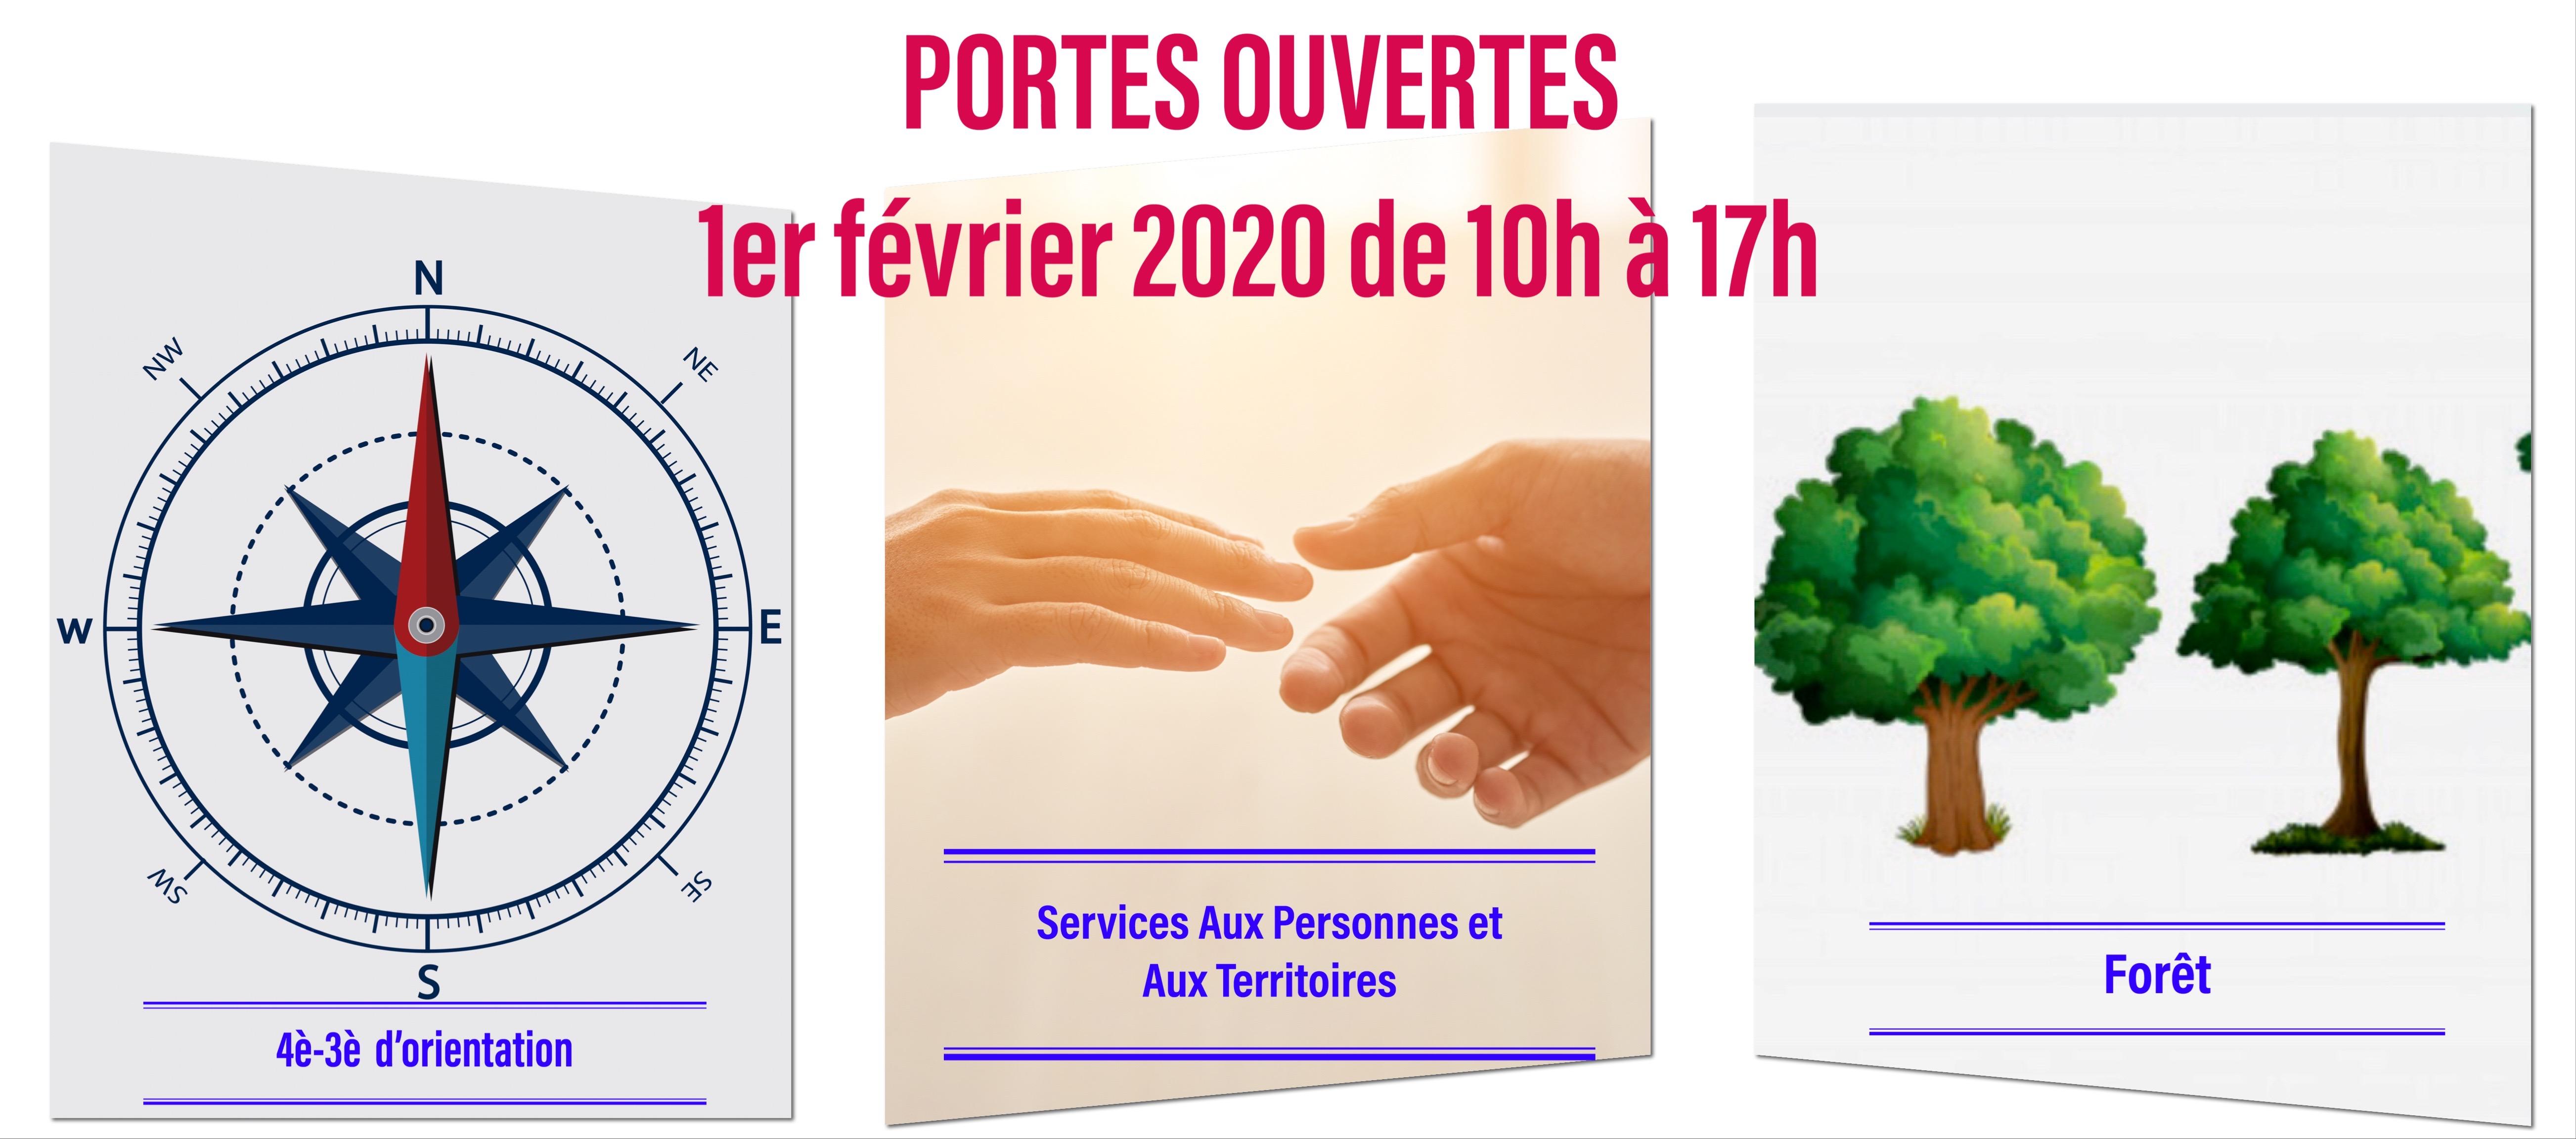 Portesouvertes2020_mfrdulochois